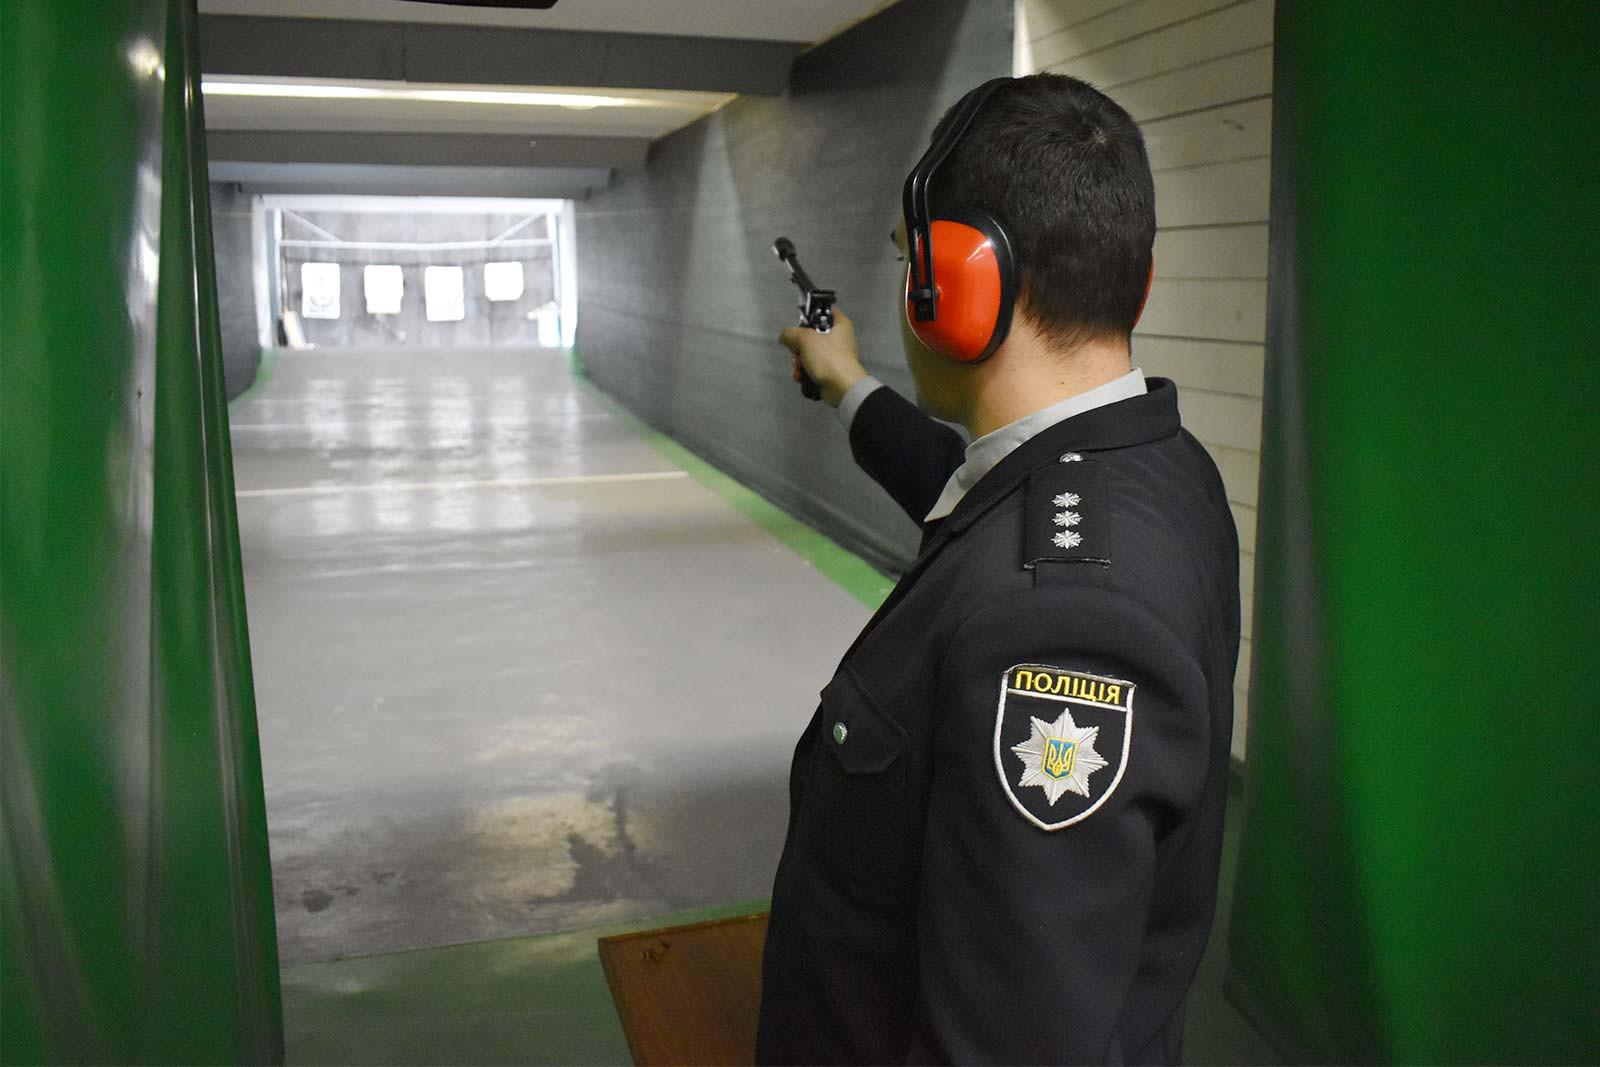 Першість зі стрільби з малокаліберної зброї у ДДУВС